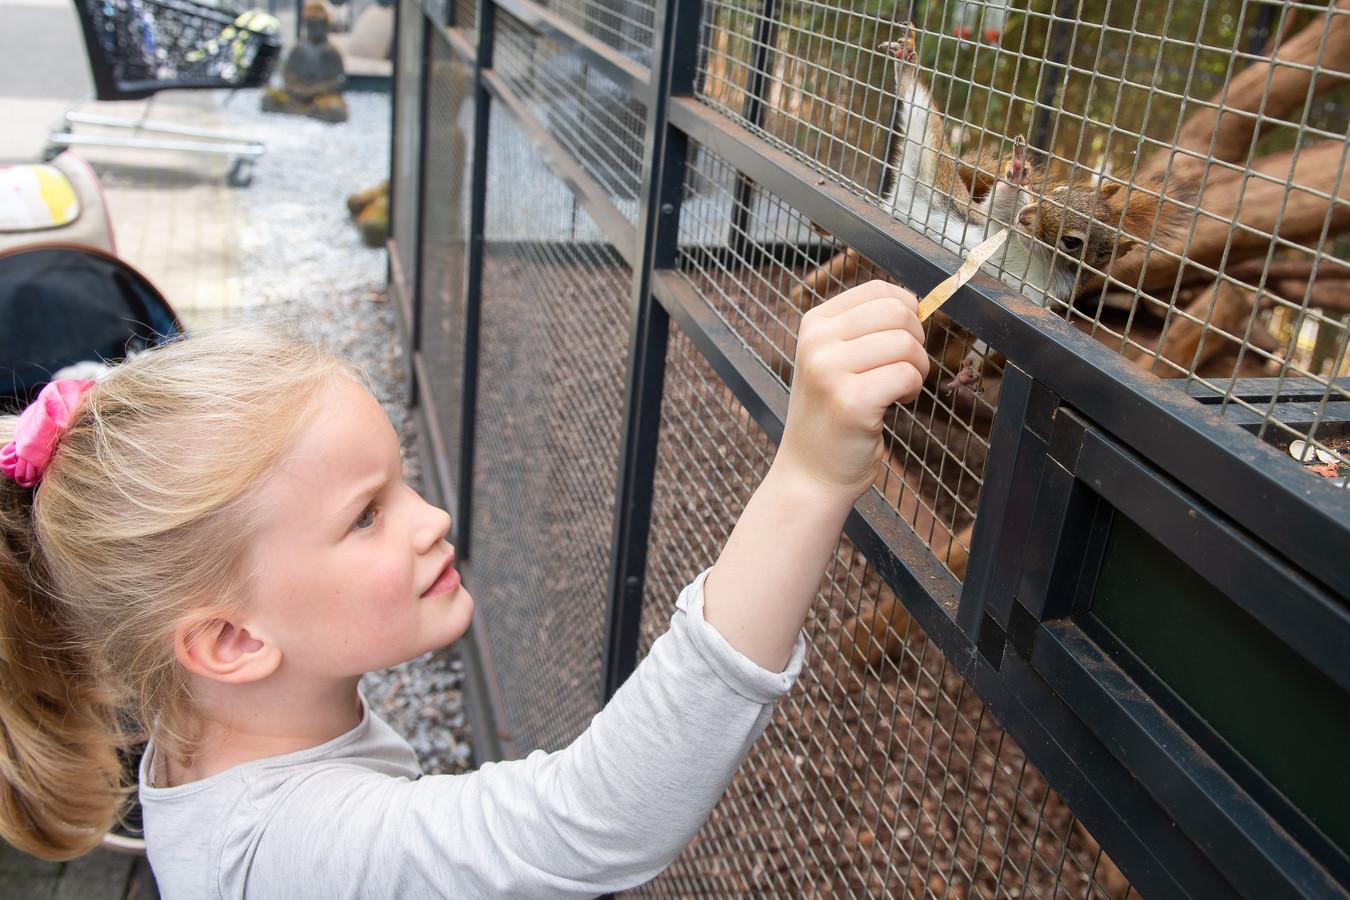 De 6-jarige Leonie uit Utrecht zijn in de buurt op vakantie en bezoekt met haar familie de eekhoorn experience. Ze krijgt veel aandacht van deze Hudson eekhoorn.